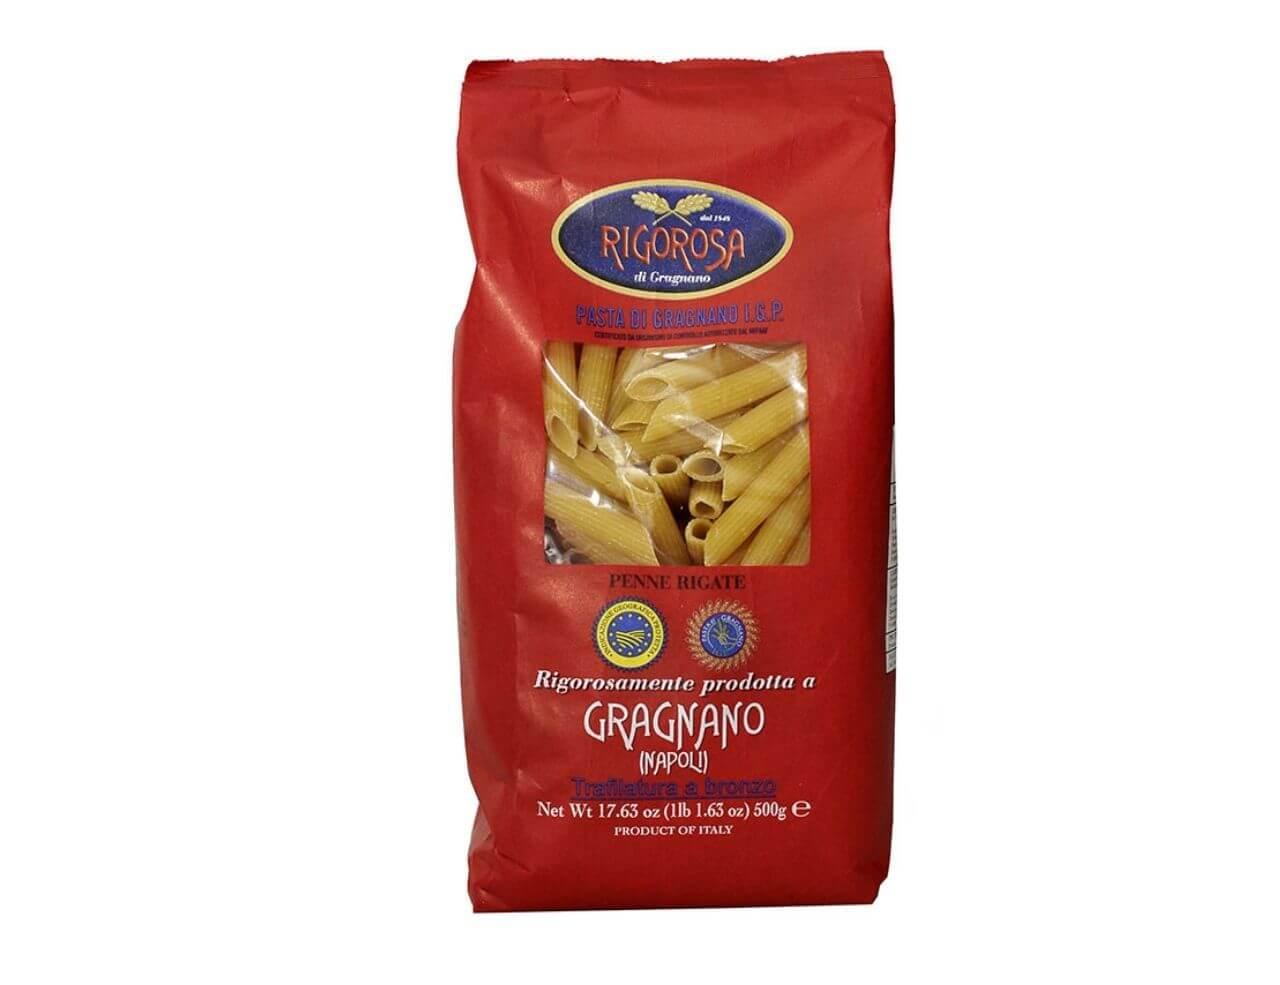 Penne rigate pasta di Gragnano IGP Rigorosa 500gr